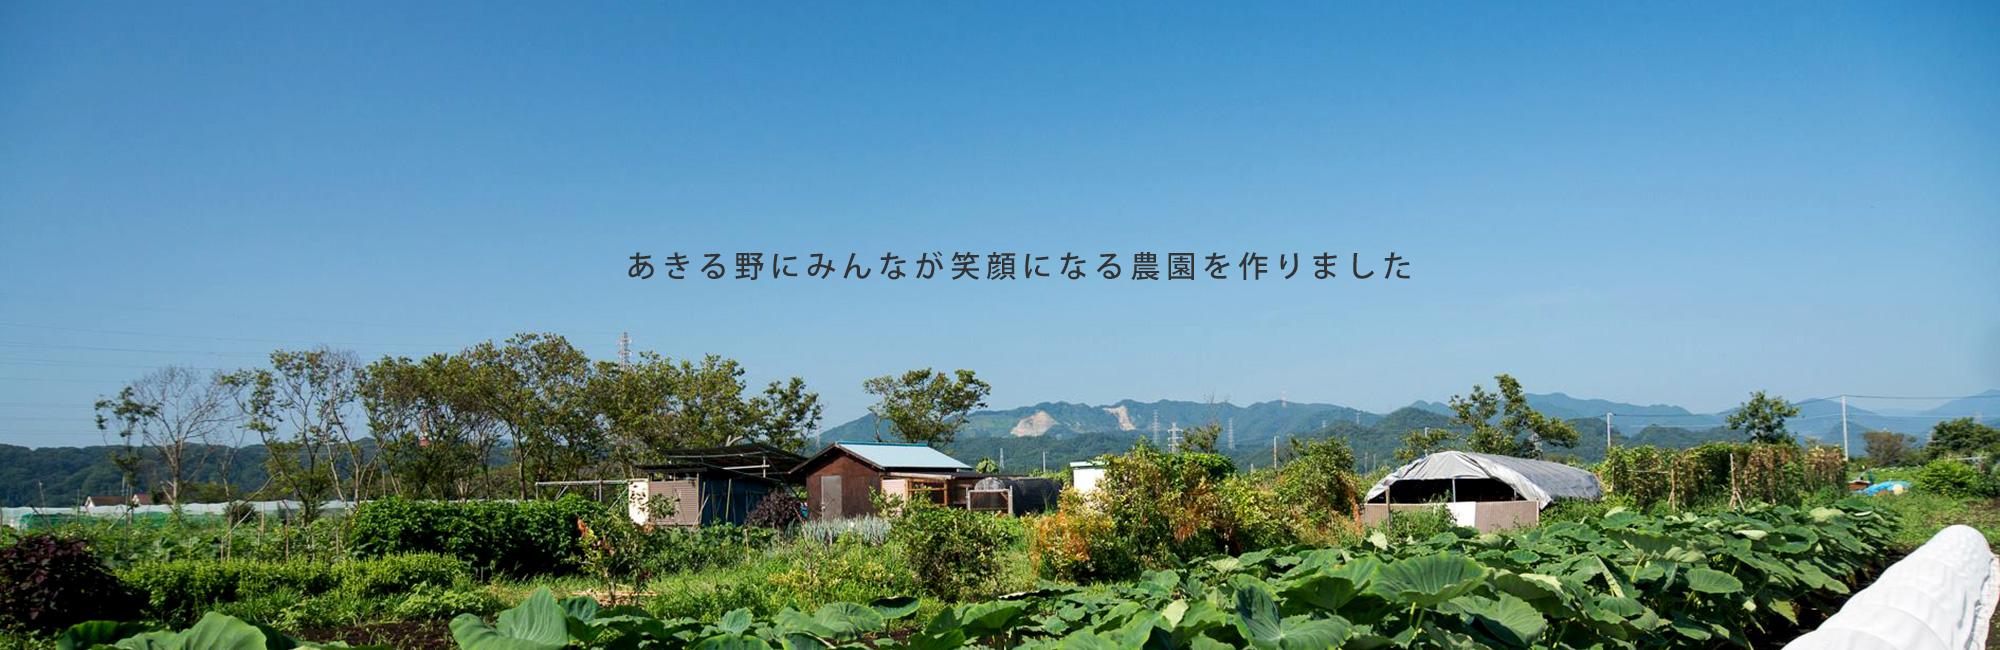 あきる野にみんなが笑顔になる農園があります